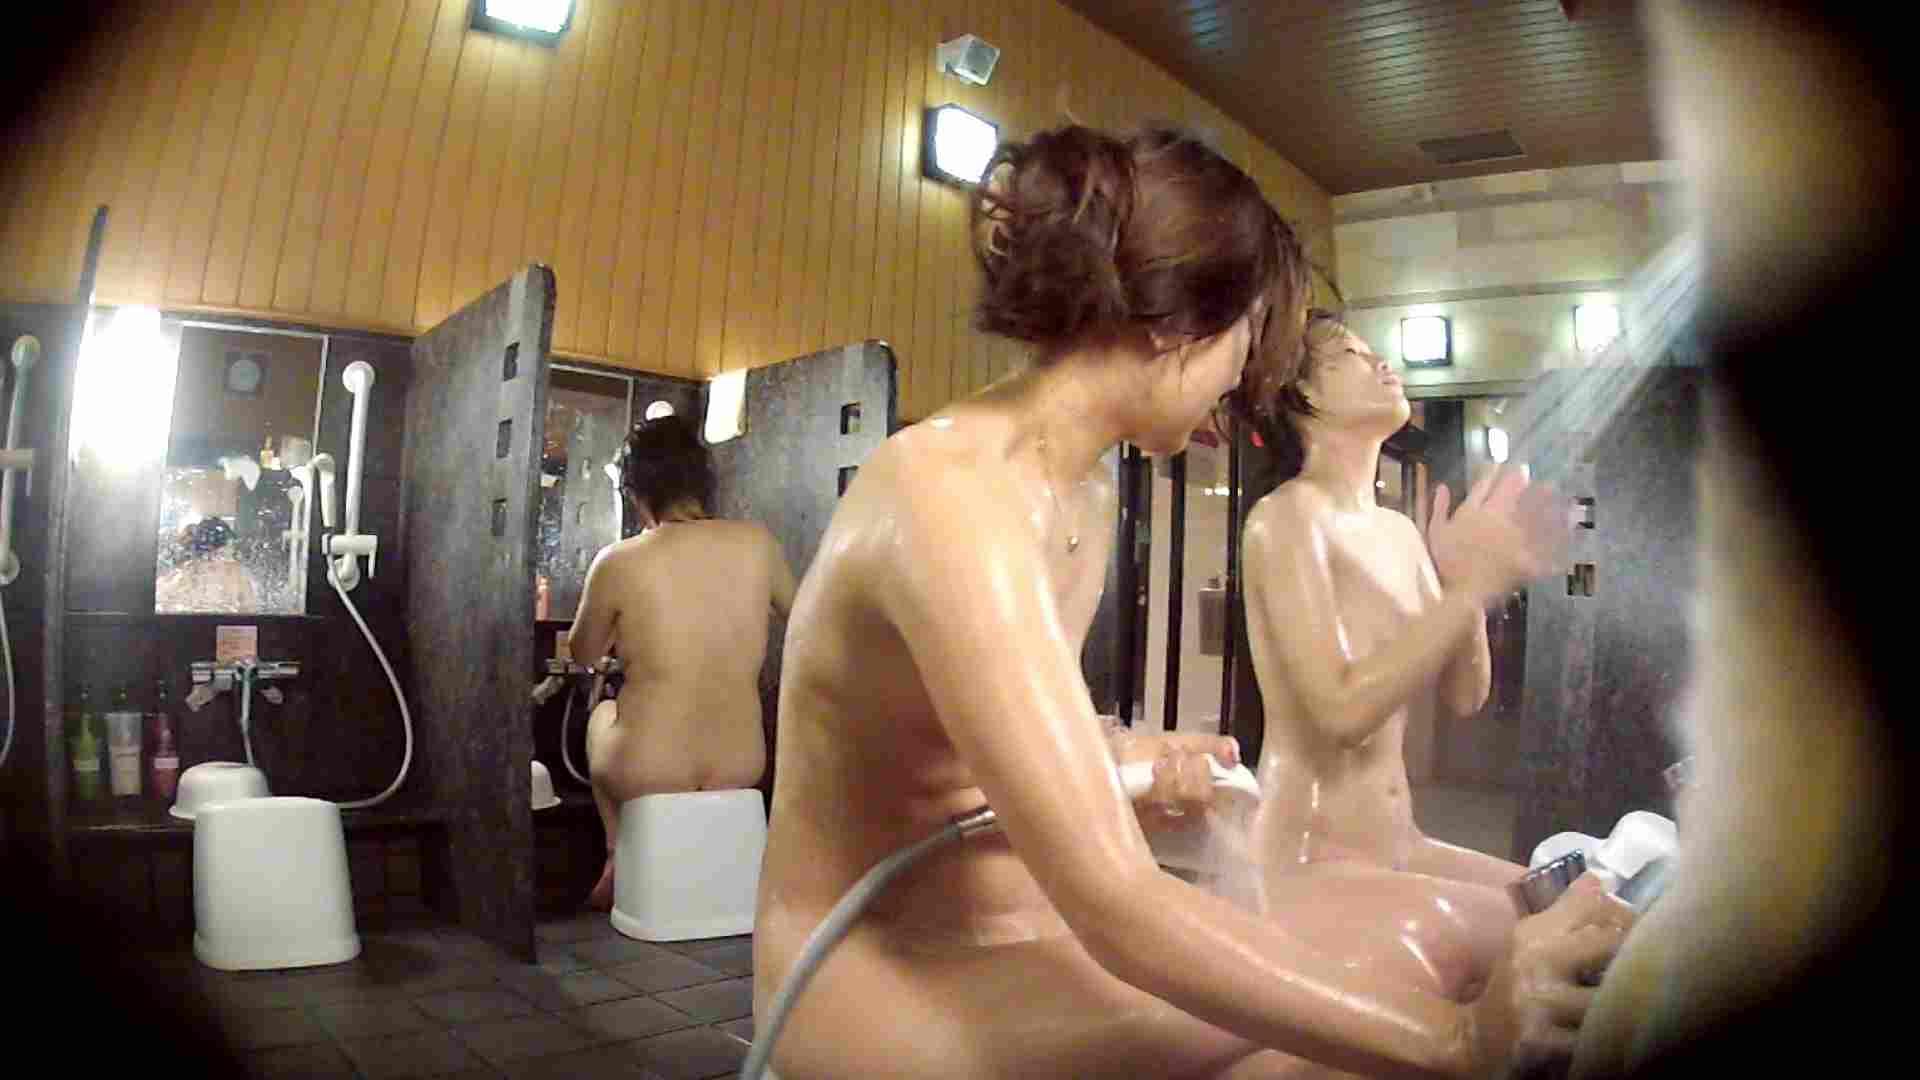 ハイビジョン 洗い場!個人的になんともエロスを感じます。 エロくん潜入  48連発 26